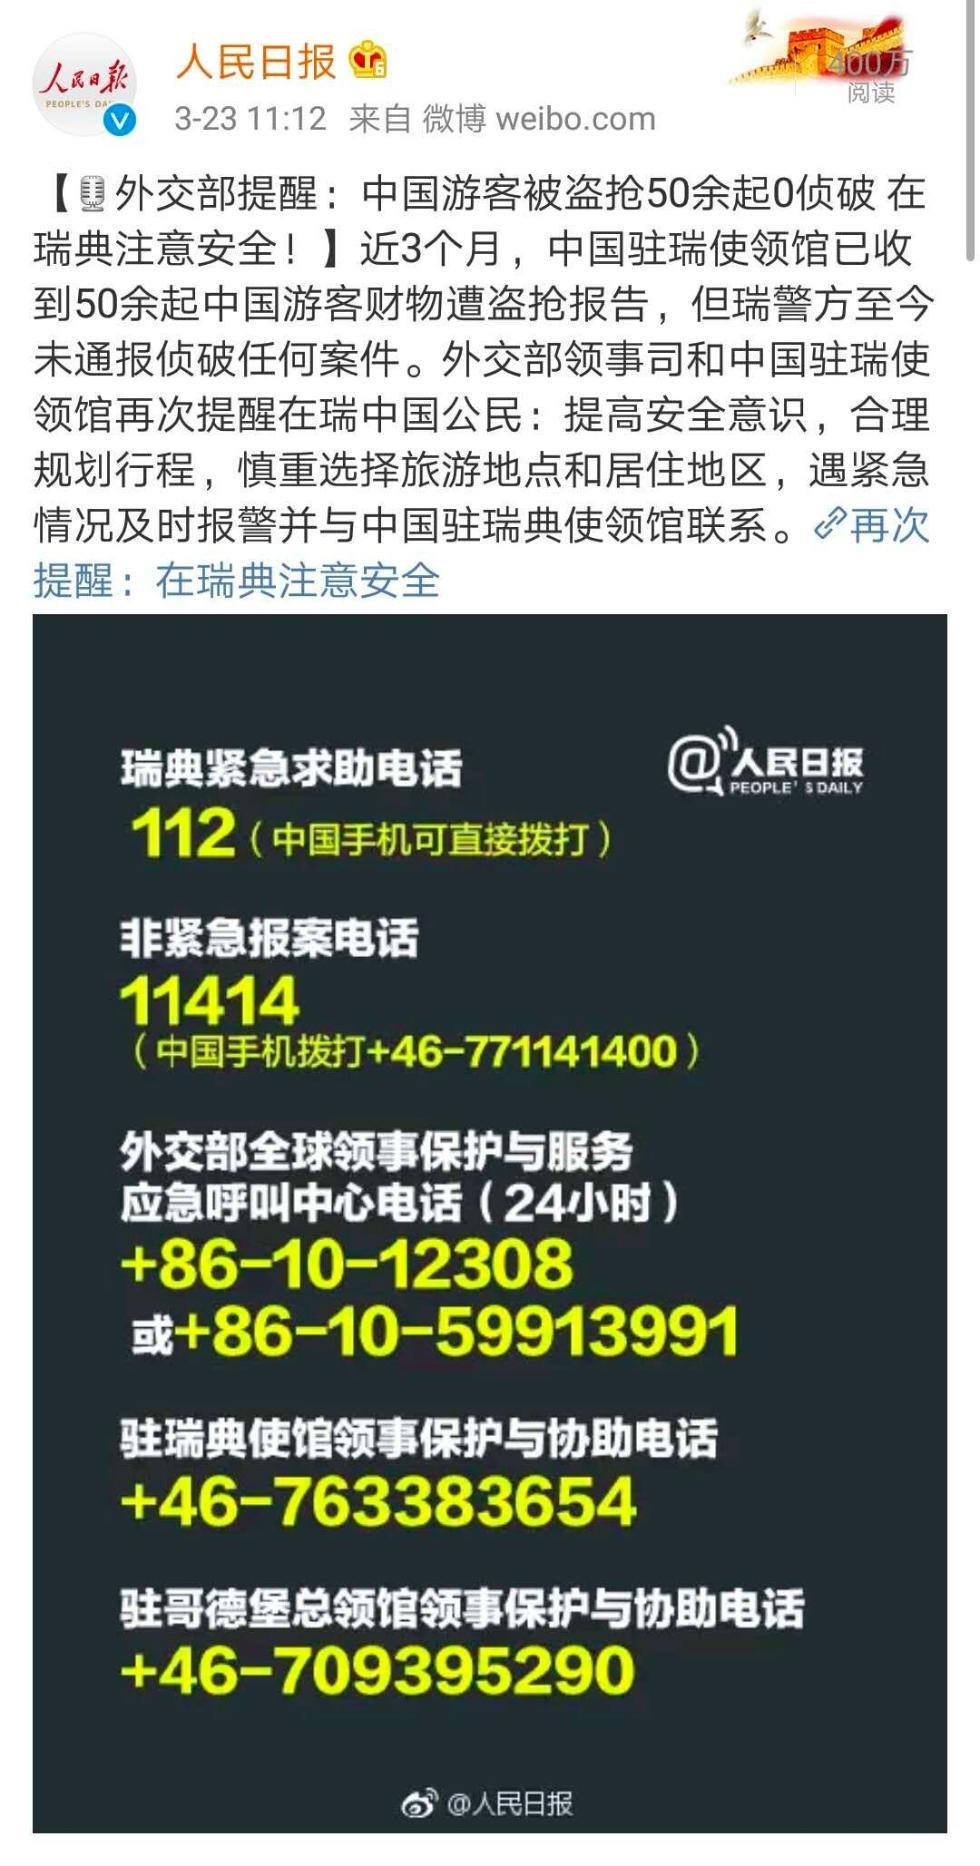 中国游客被盗抢50余起0侦破!外交部发声